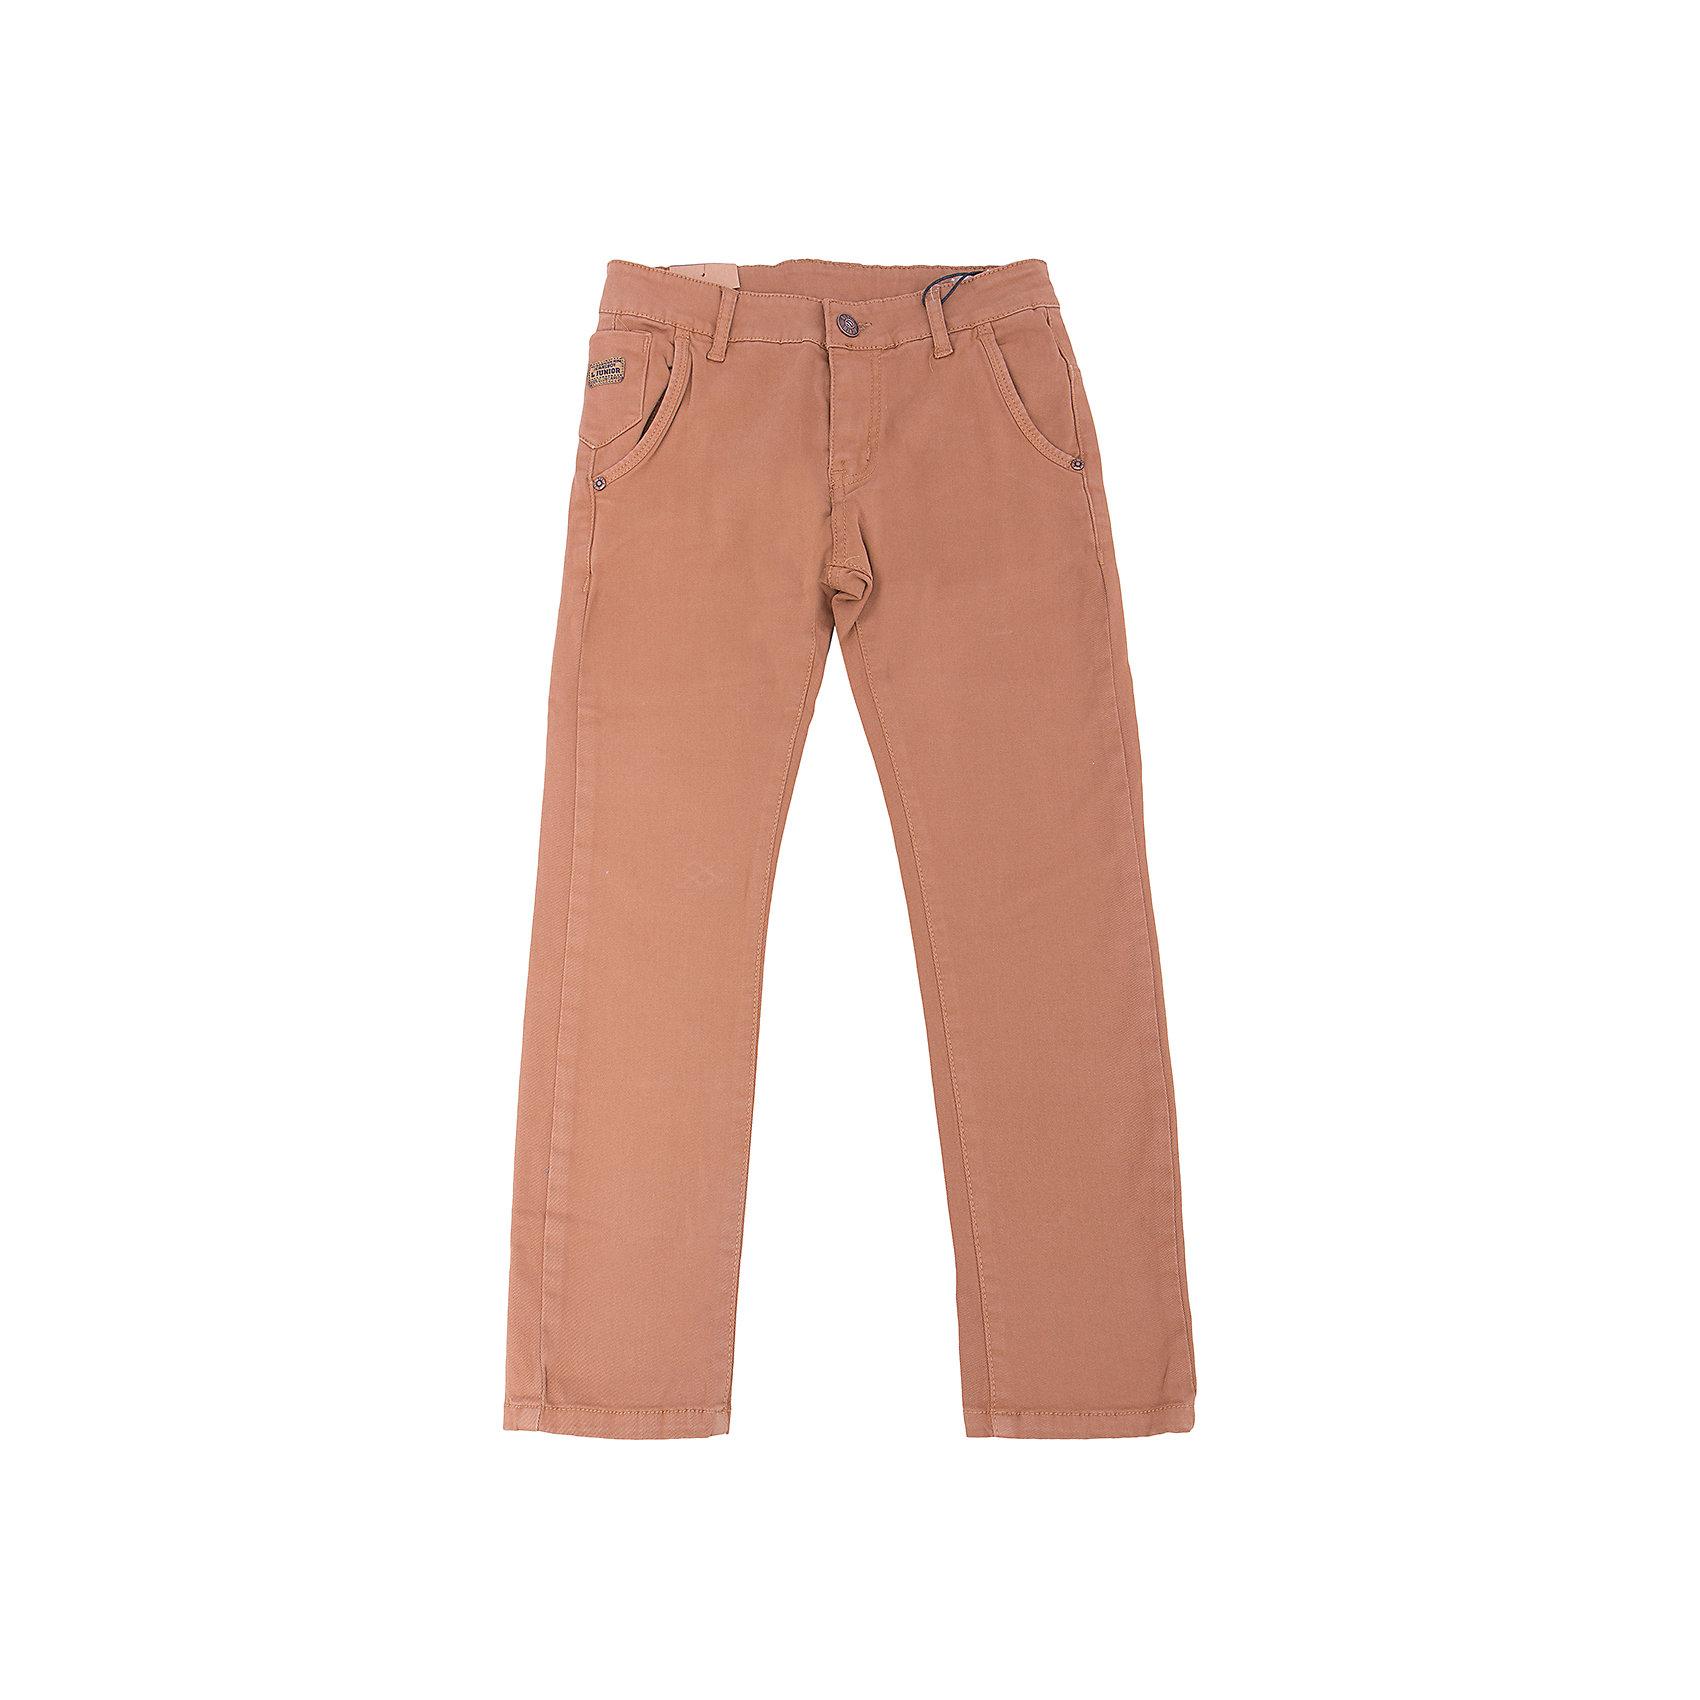 Брюки для мальчика LuminosoХарактеристики товара:<br><br>- цвет: коричневый;<br>- материал: 98% хлопок, 2% эластан;<br>- застежка: пуговица и молния;<br>- пояс регулируется внутренней резинкой на пуговицах;<br>- шлевки для ремня.<br><br>Стильная одежда от бренда Luminoso (Люминосо), созданная при участии итальянских дизайнеров, учитывает потребности подростков и последние веяния моды. Она удобная и модная.<br>Эти брюки выглядят стильно, но при этом подходят для ежедневного ношения. Они хорошо сидят на ребенке, обеспечивают комфорт и отлично сочетаются с одежной разных стилей. Модель отличается высоким качеством материала и продуманным дизайном. Натуральный хлопок в составе изделия делает его дышащим, приятным на ощупь и гипоаллергеным.<br><br>Брюки для мальчика от бренда Luminoso (Люминосо) можно купить в нашем интернет-магазине.<br><br>Ширина мм: 215<br>Глубина мм: 88<br>Высота мм: 191<br>Вес г: 336<br>Цвет: коричневый<br>Возраст от месяцев: 144<br>Возраст до месяцев: 156<br>Пол: Мужской<br>Возраст: Детский<br>Размер: 158,164,152,146,140,134<br>SKU: 4930977